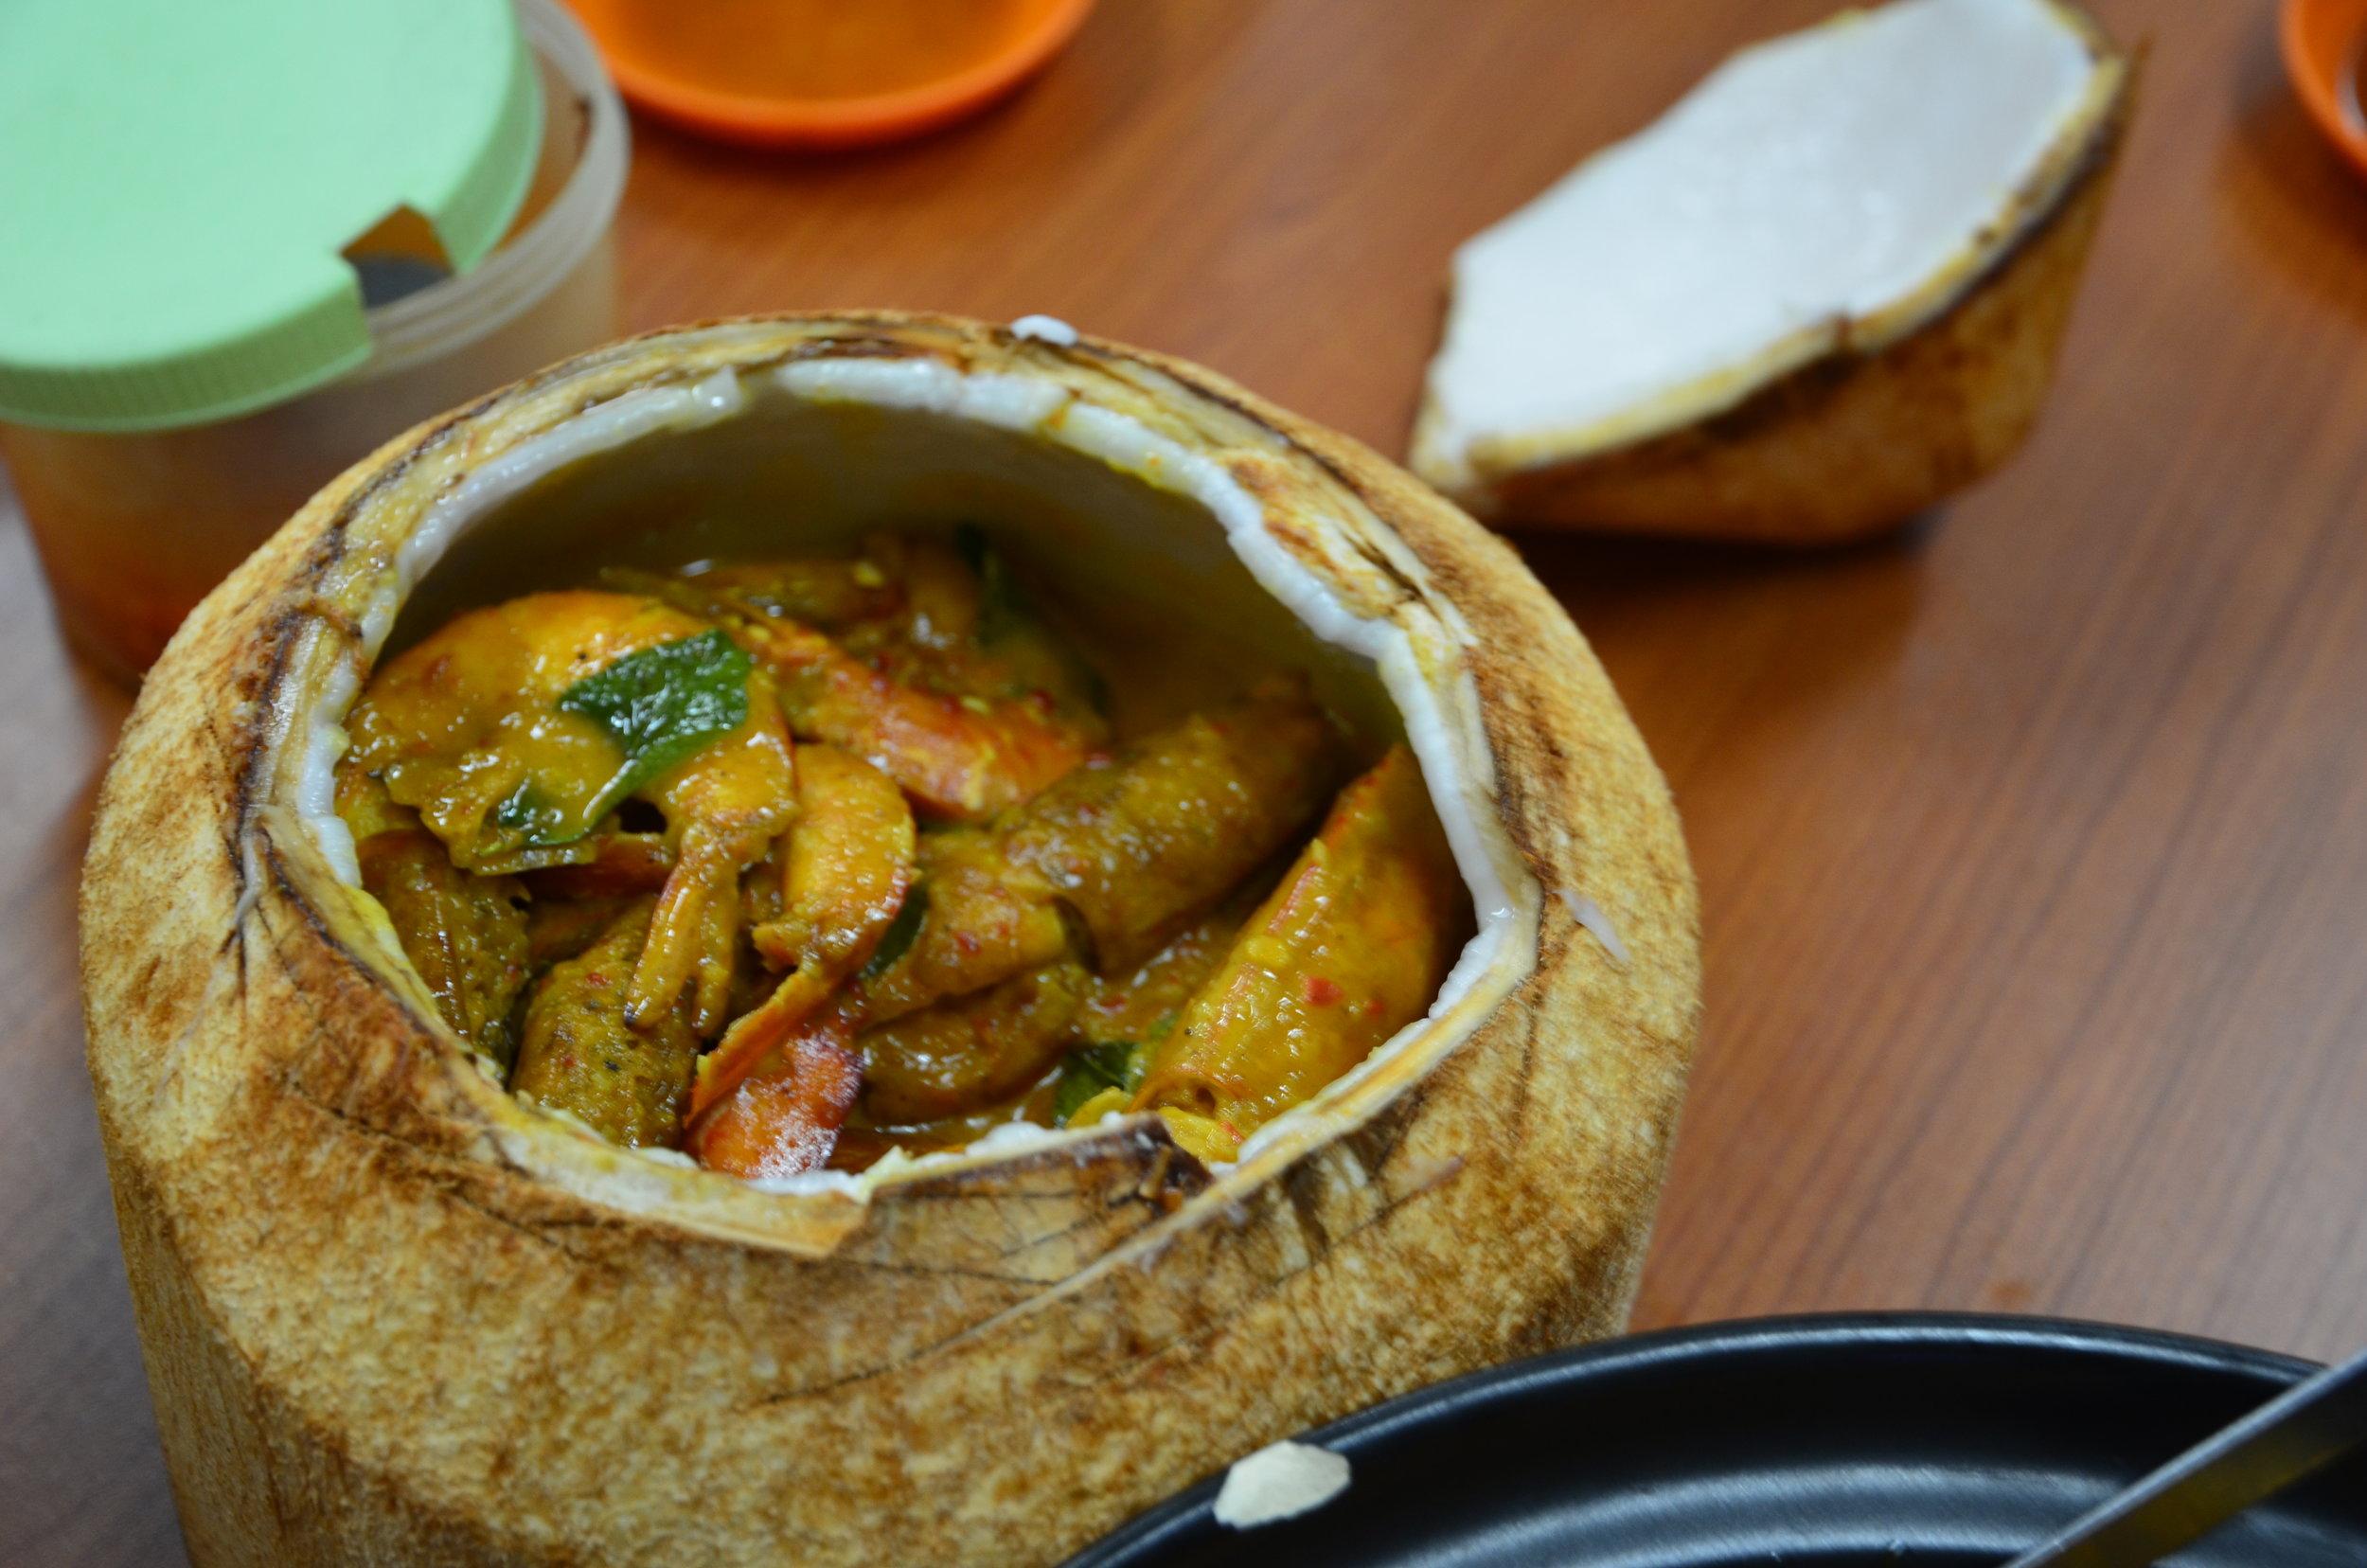 coconut-curry-shrimp_6310979278_o.jpg